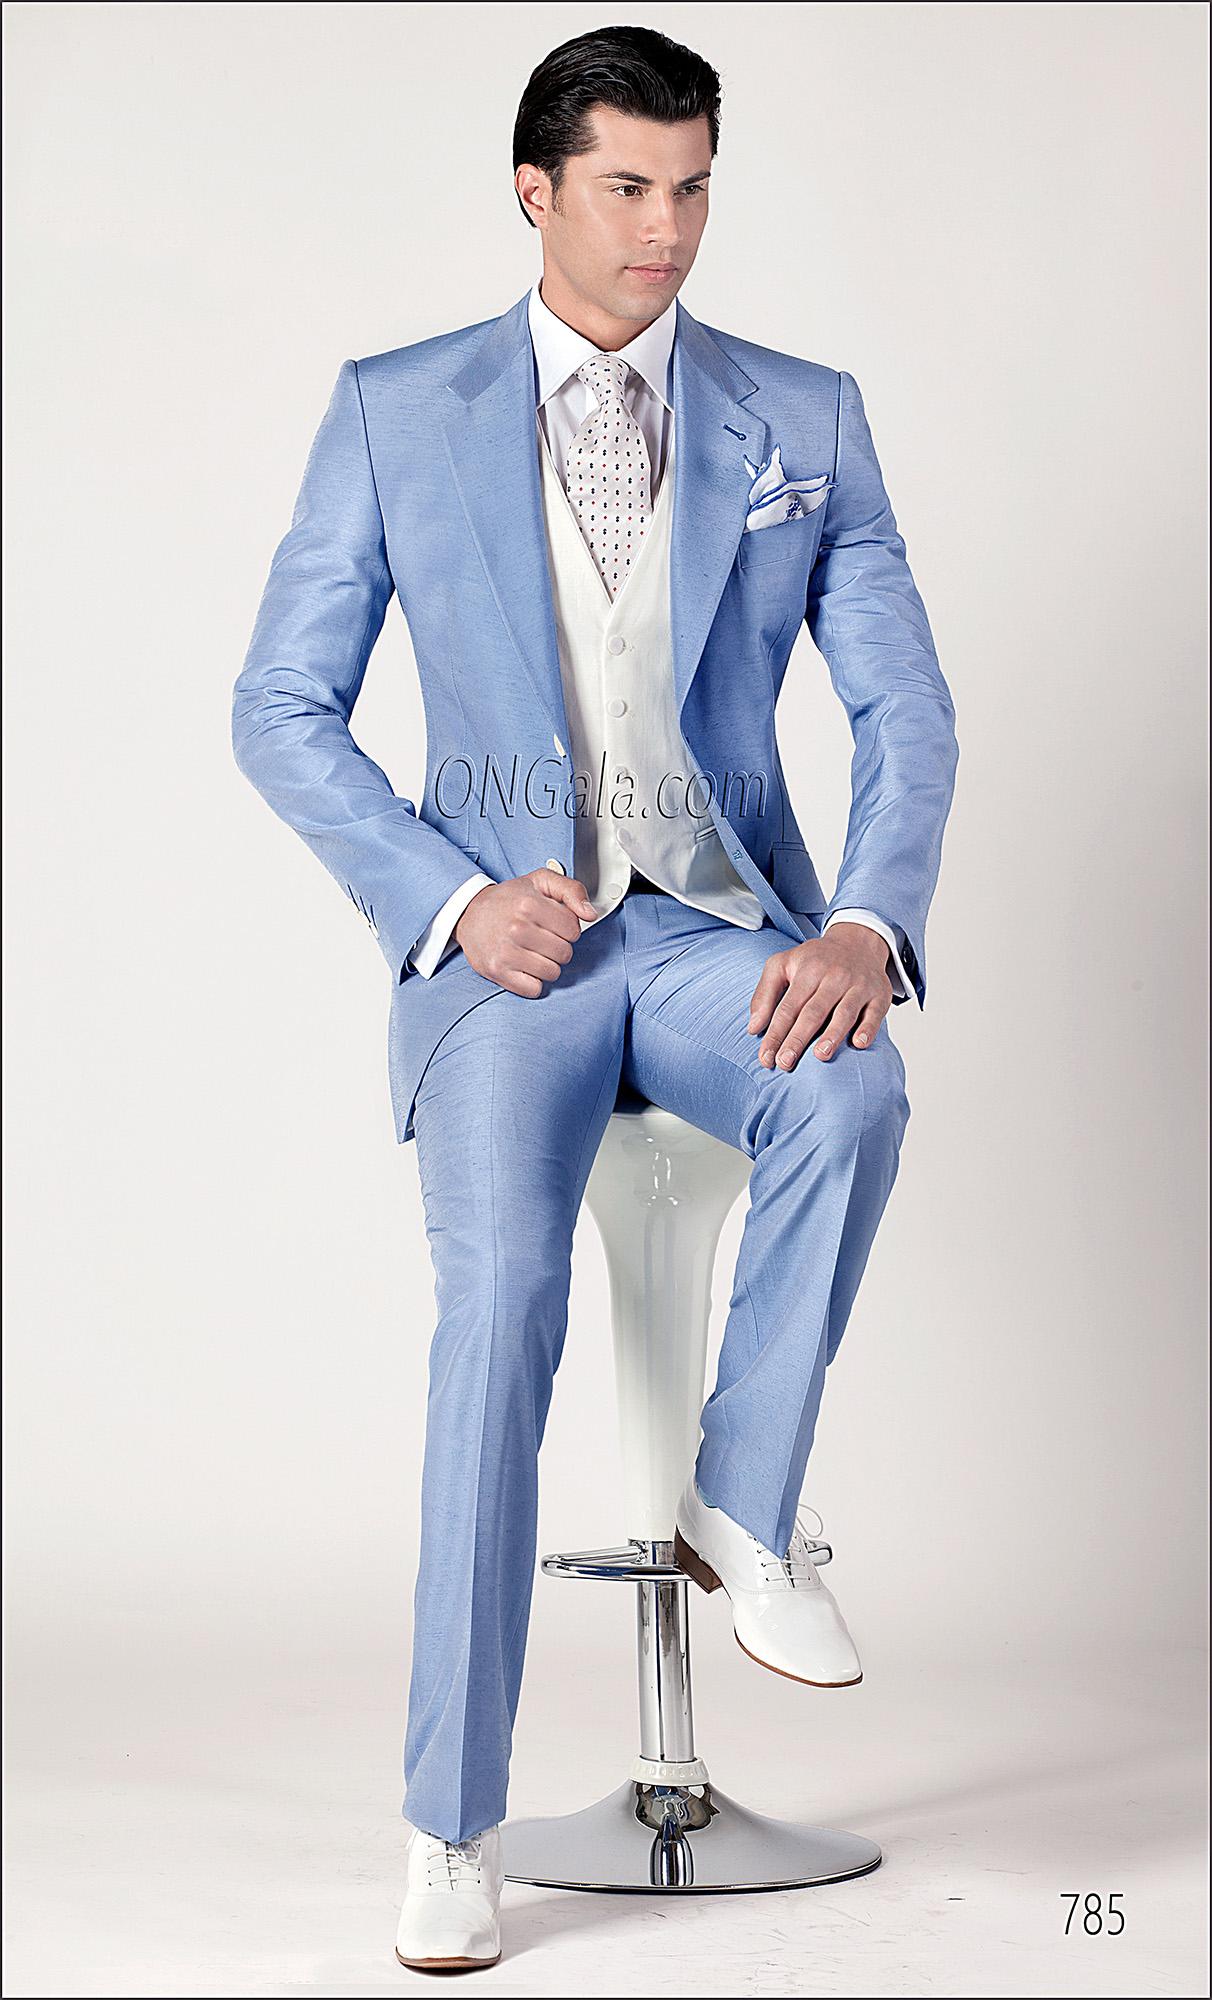 Vestito Matrimonio Uomo Azzurro : Abito da cerimonia uomo in shantung celeste